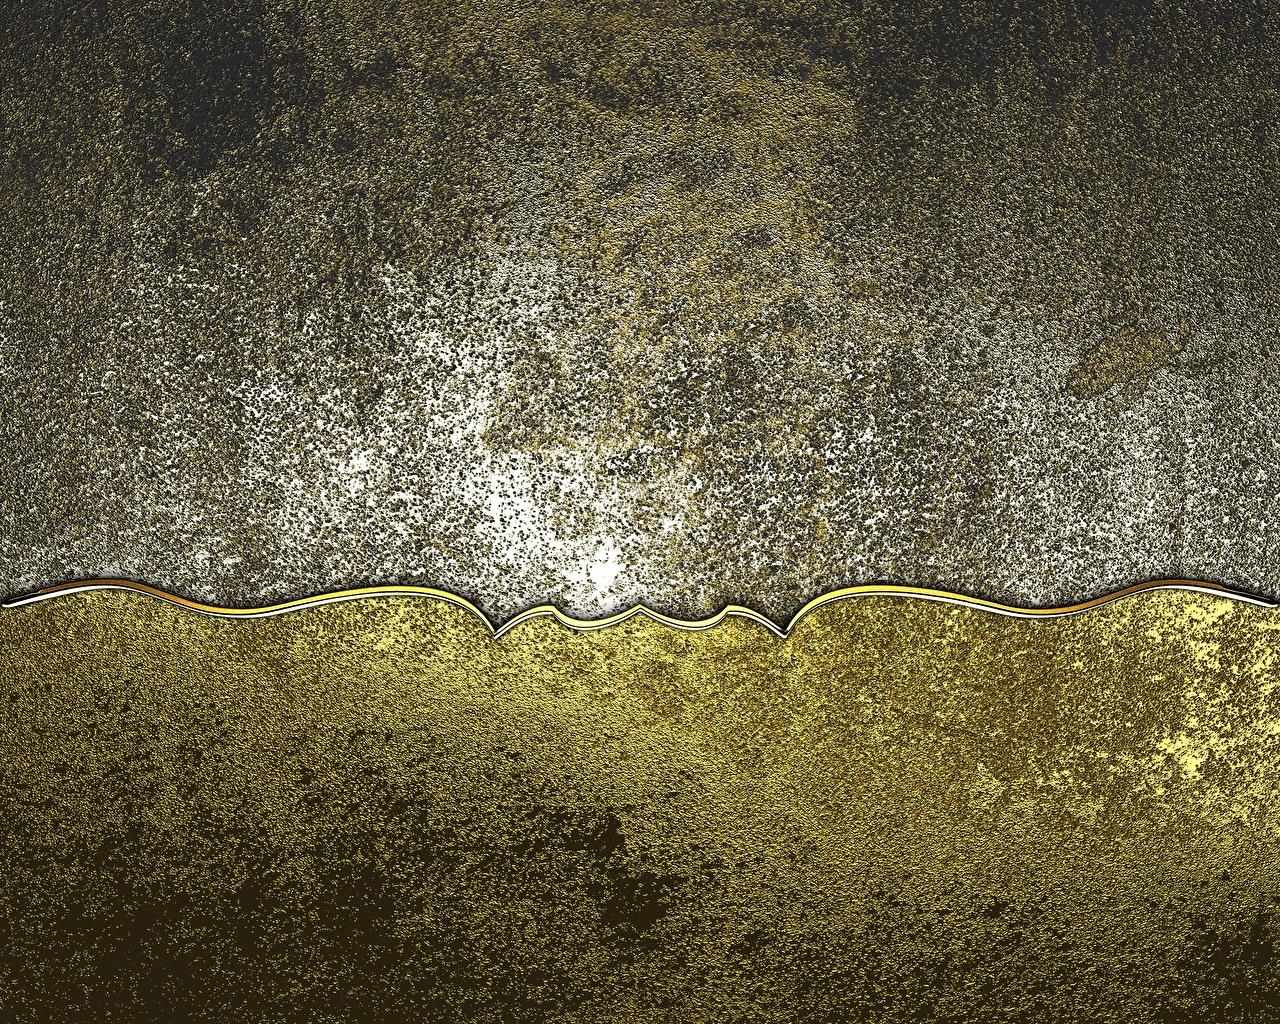 Картинка Текстура Золотой серебряный золотые золотая золотых серебряная Серебристый серебристая